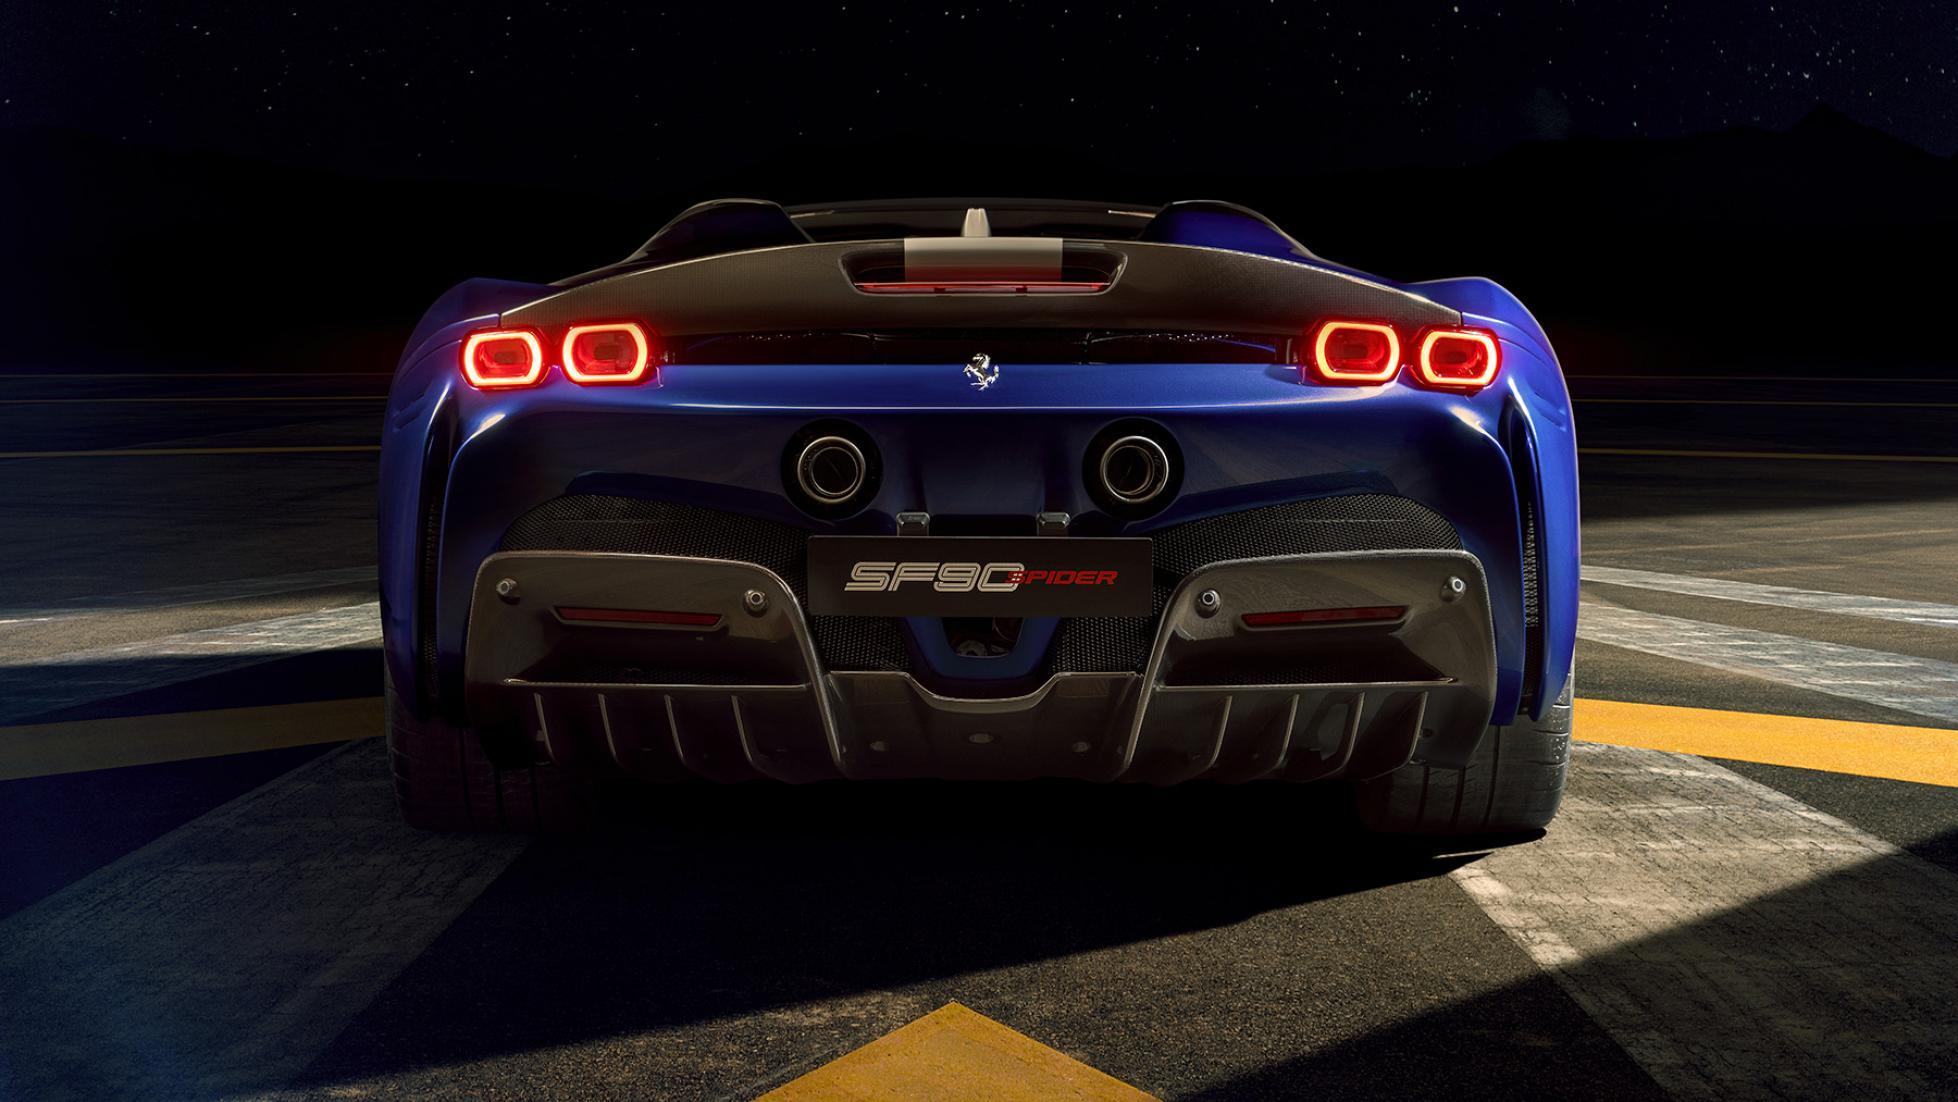 Il posteriore con i fari LED e squadrati della Ferrari SF90 Spider